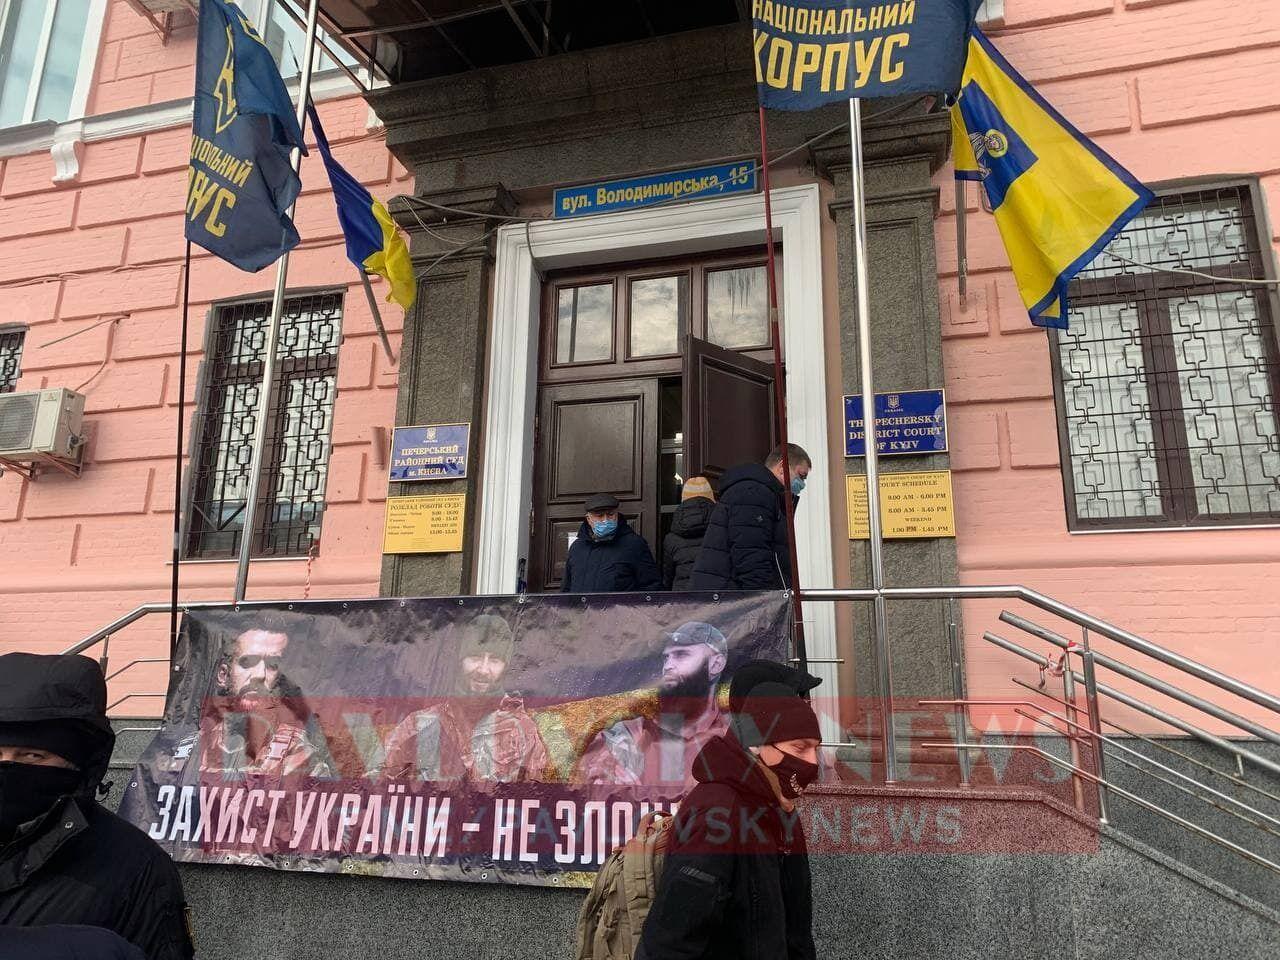 Возле здания суда собралась группа поддержки членов Нацкорпуса